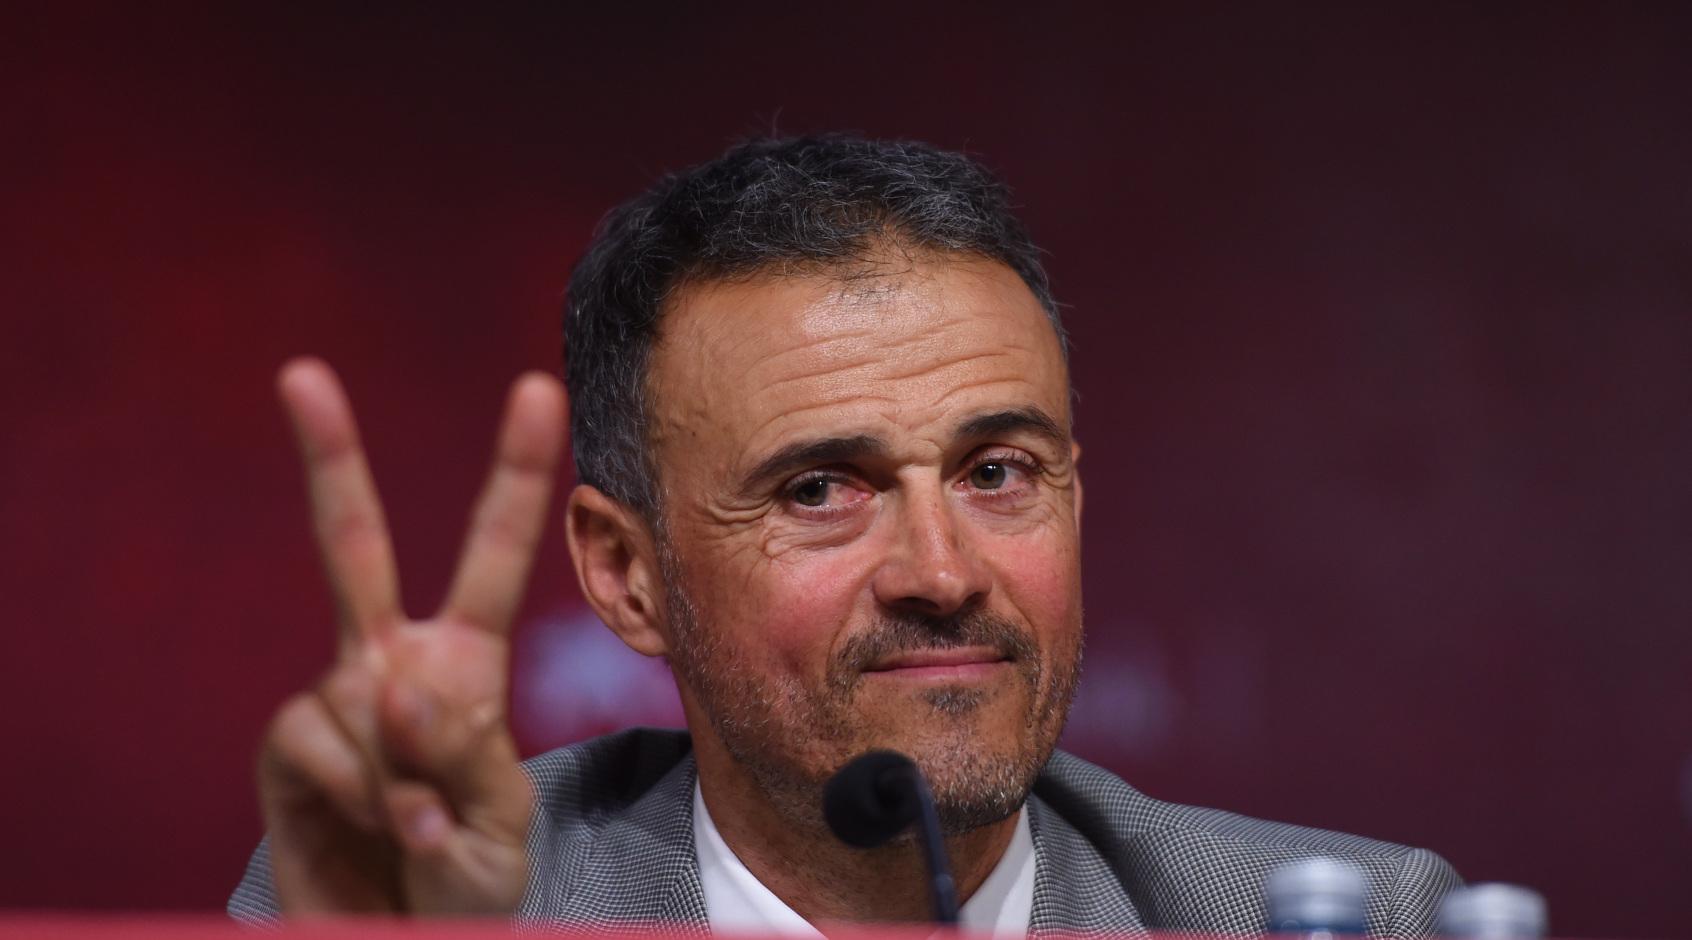 """Луис Энрике: """"Испания переживает приятнейший момент - приедем на стадион, вдохнем атмосферу"""""""